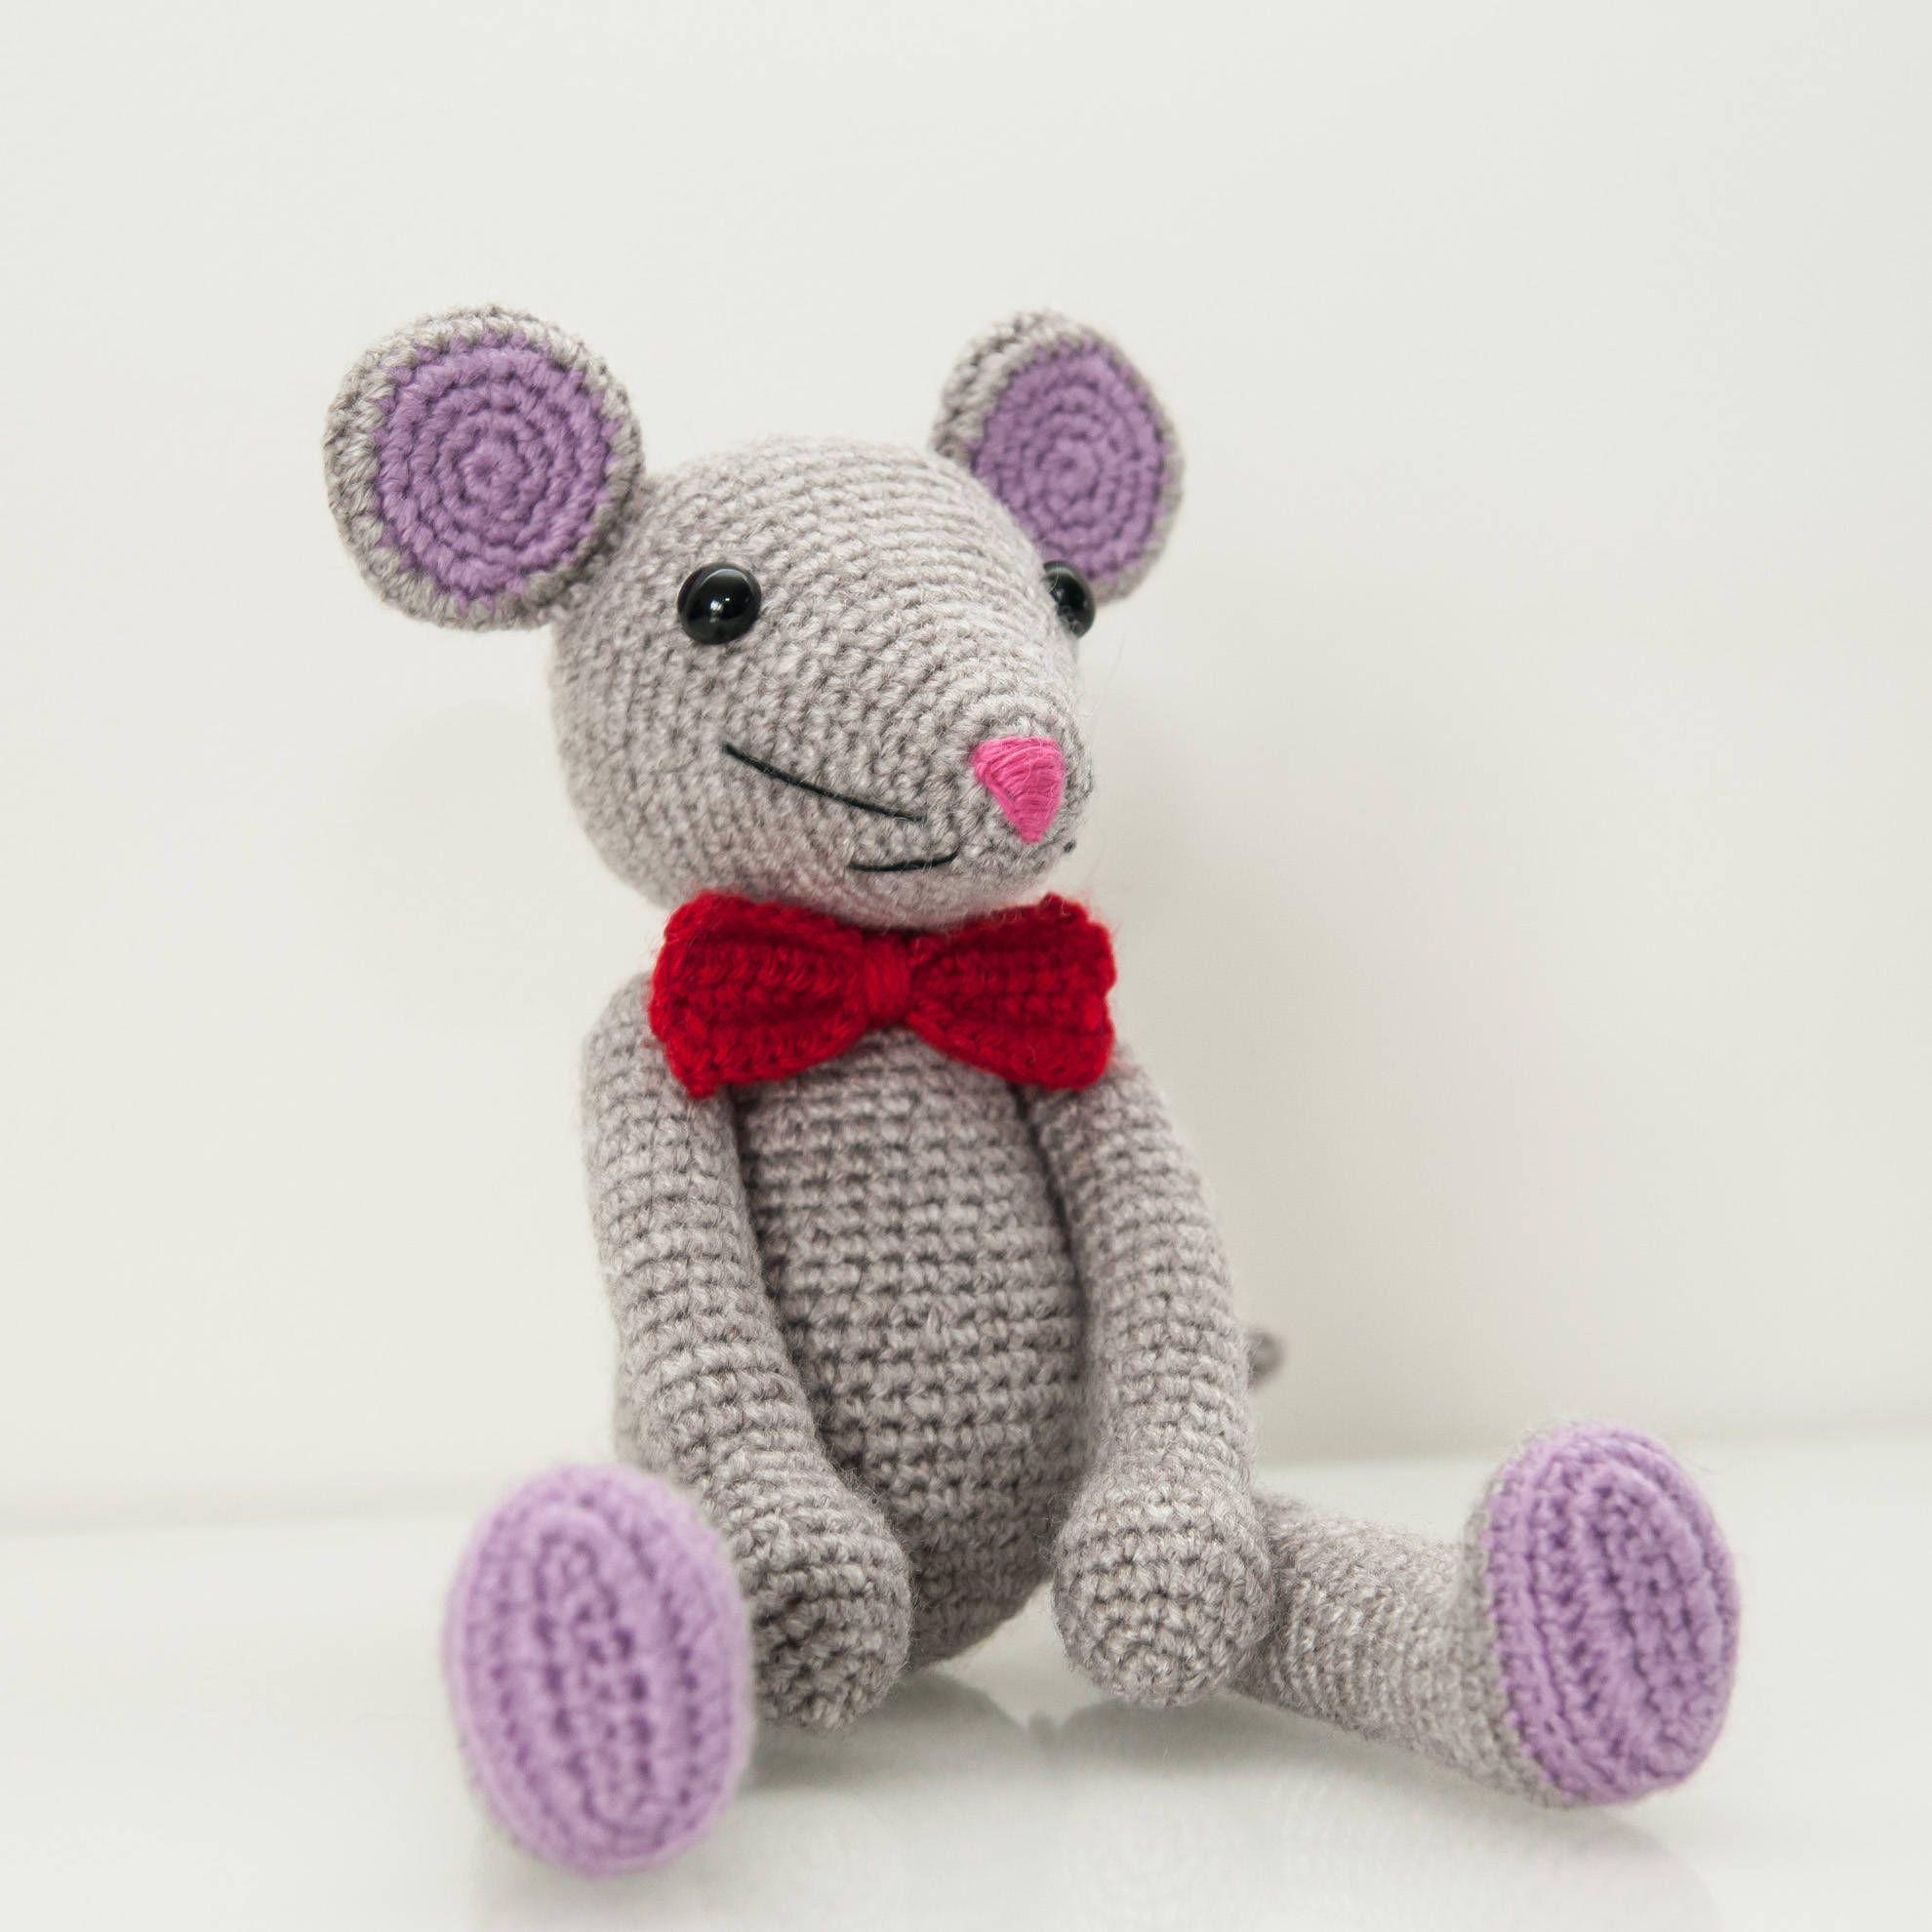 Crochet pattern, Crochet pattern mouse, easy crochet pattern ...